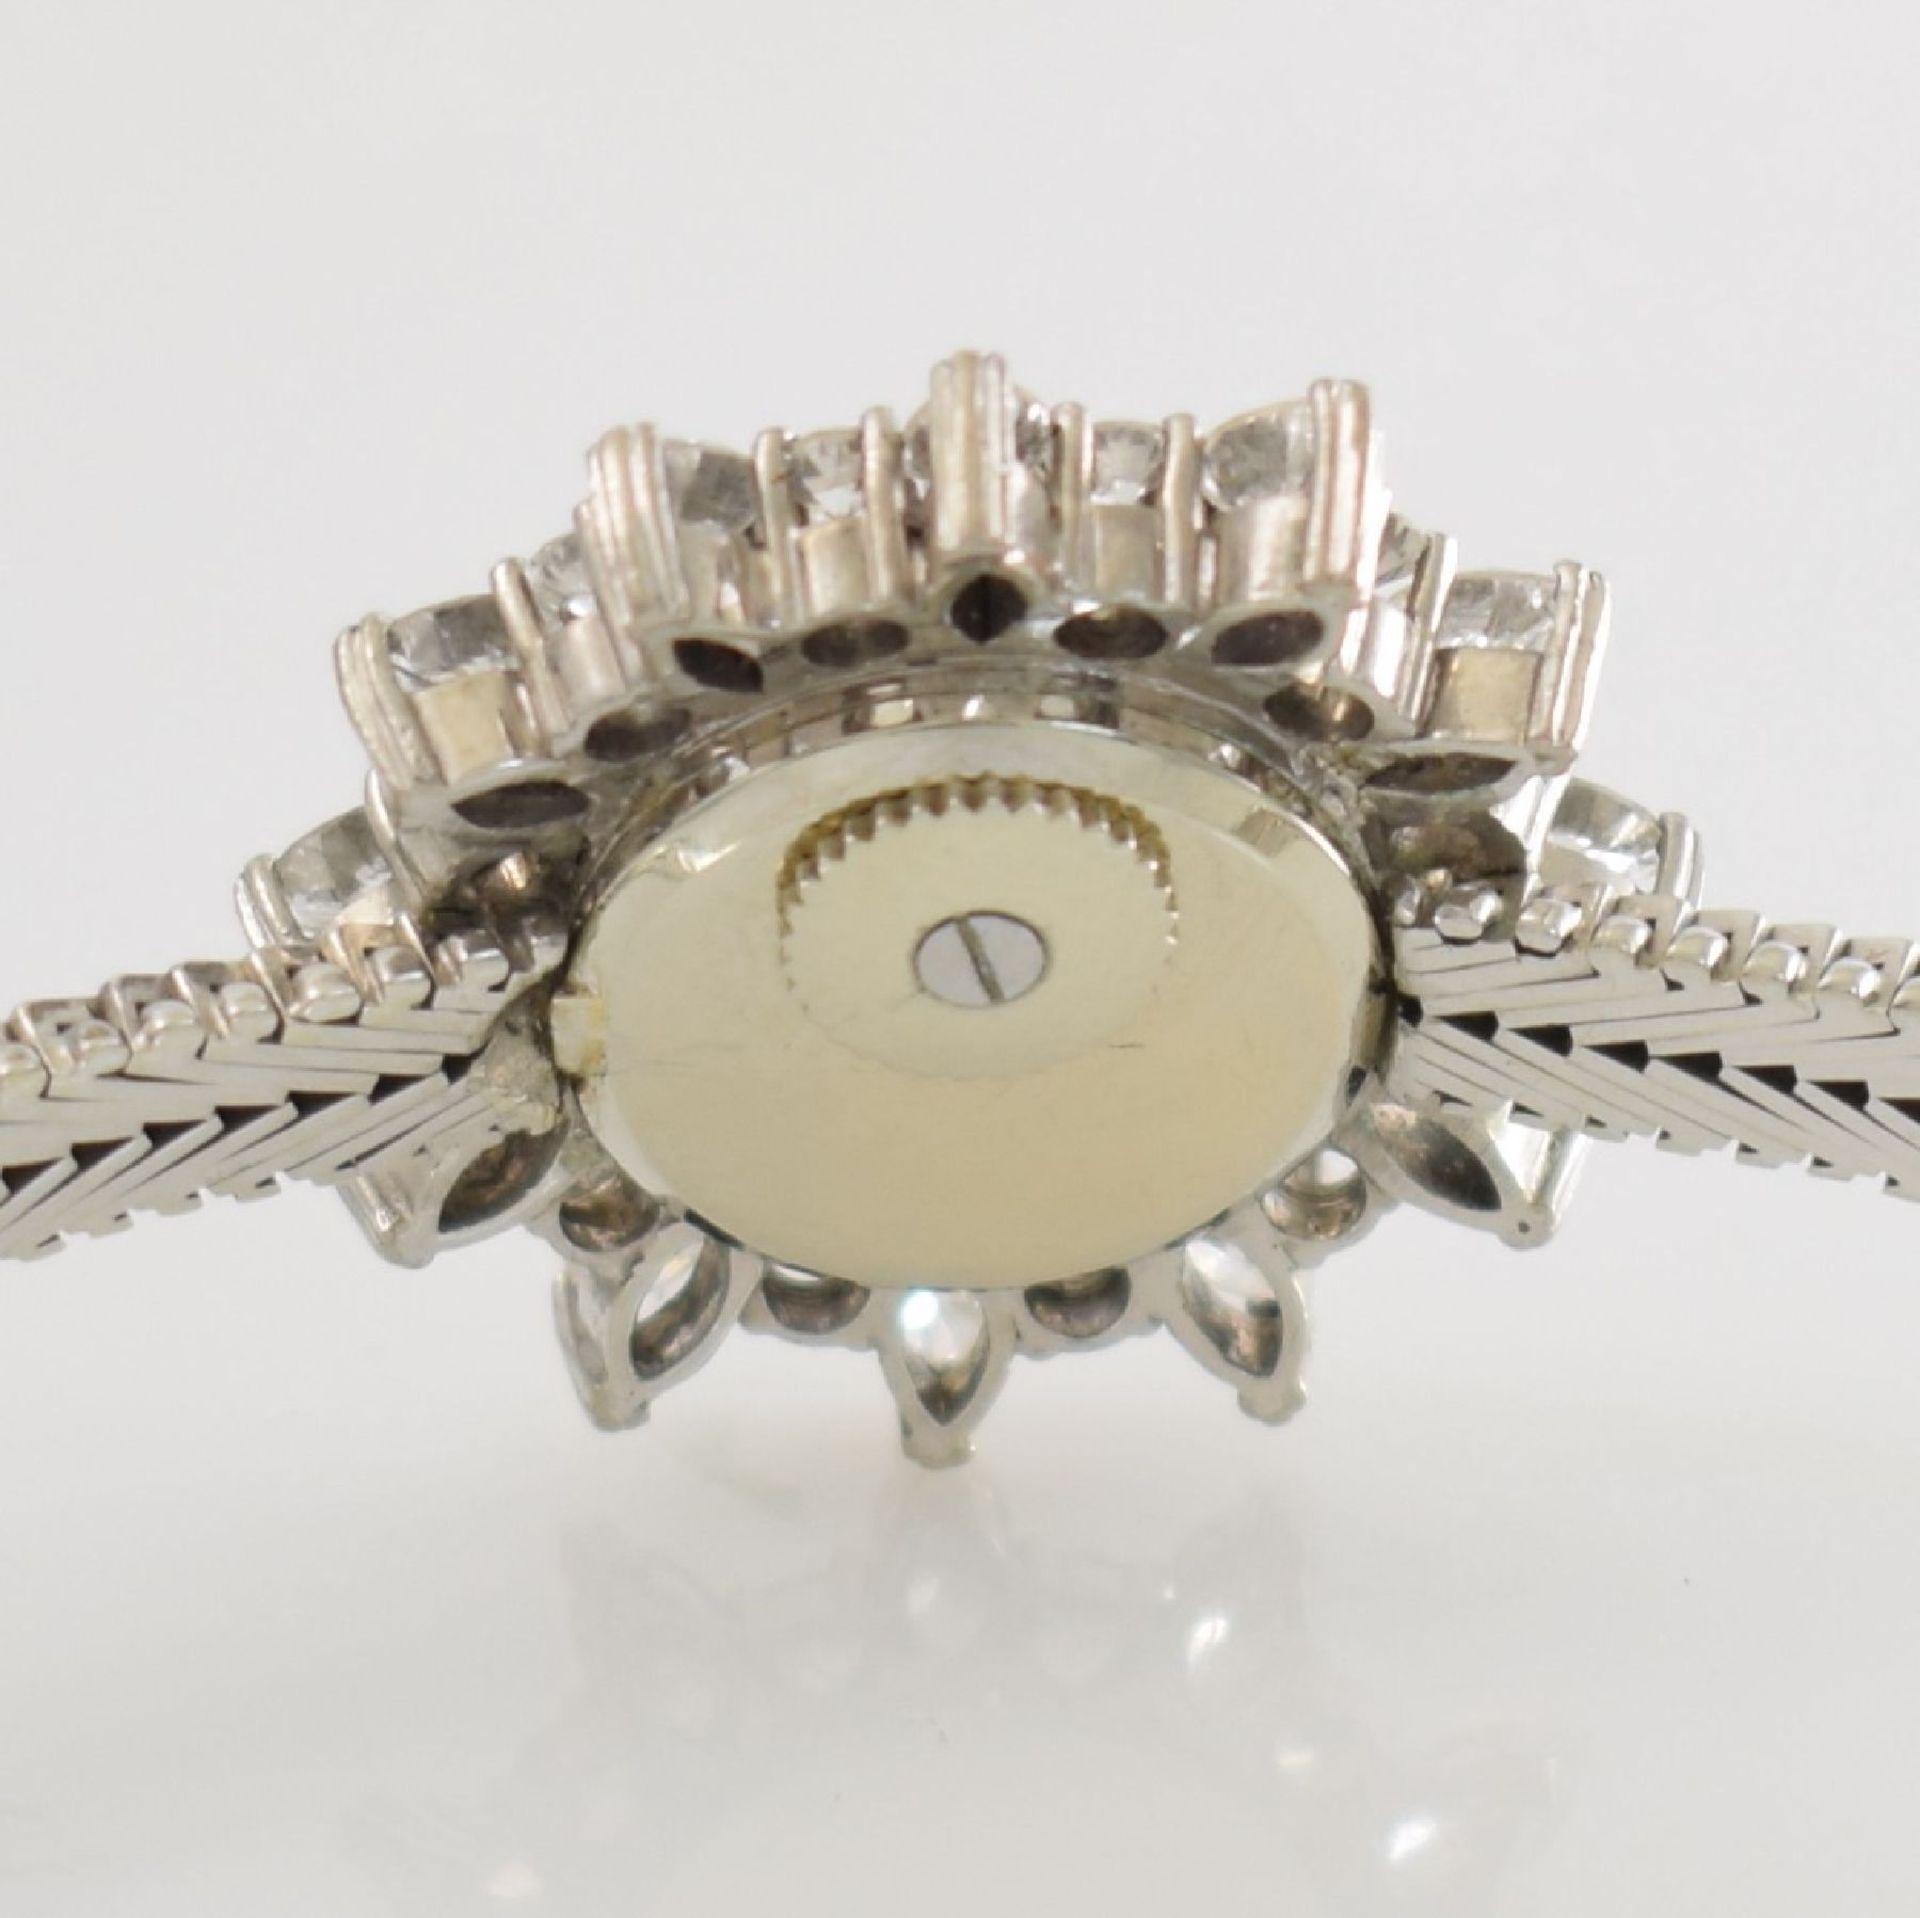 BLANCPAIN ausgefallene Damenarmbanduhr in WG 750/000 mit Diamantenbesatz zus. ca. 2,5 ct, Schweiz - Bild 8 aus 8